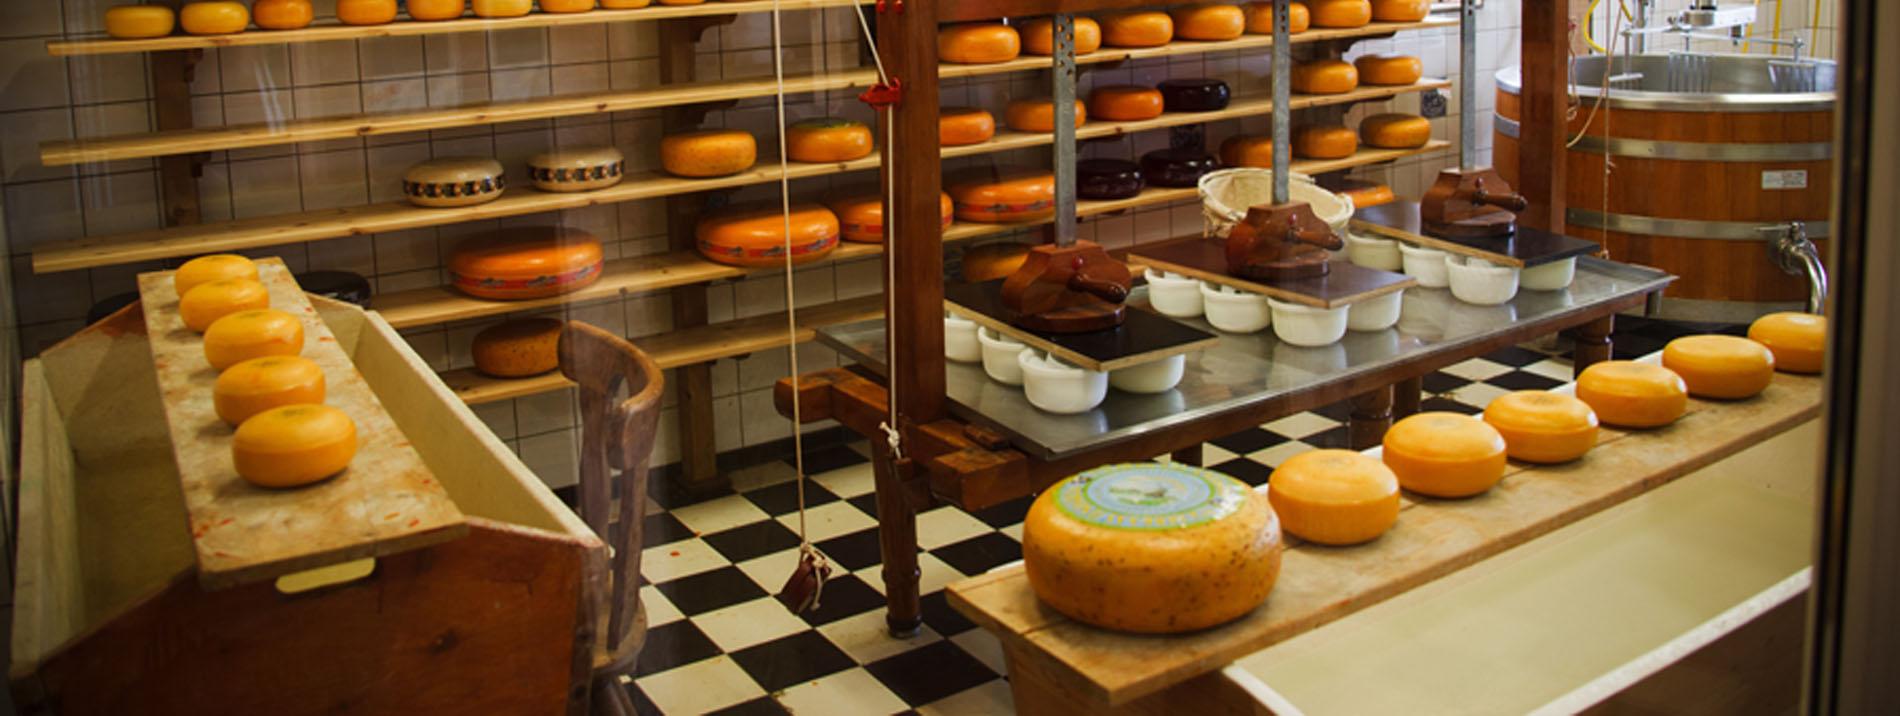 Degustación de quesos en Gijón - Asturias